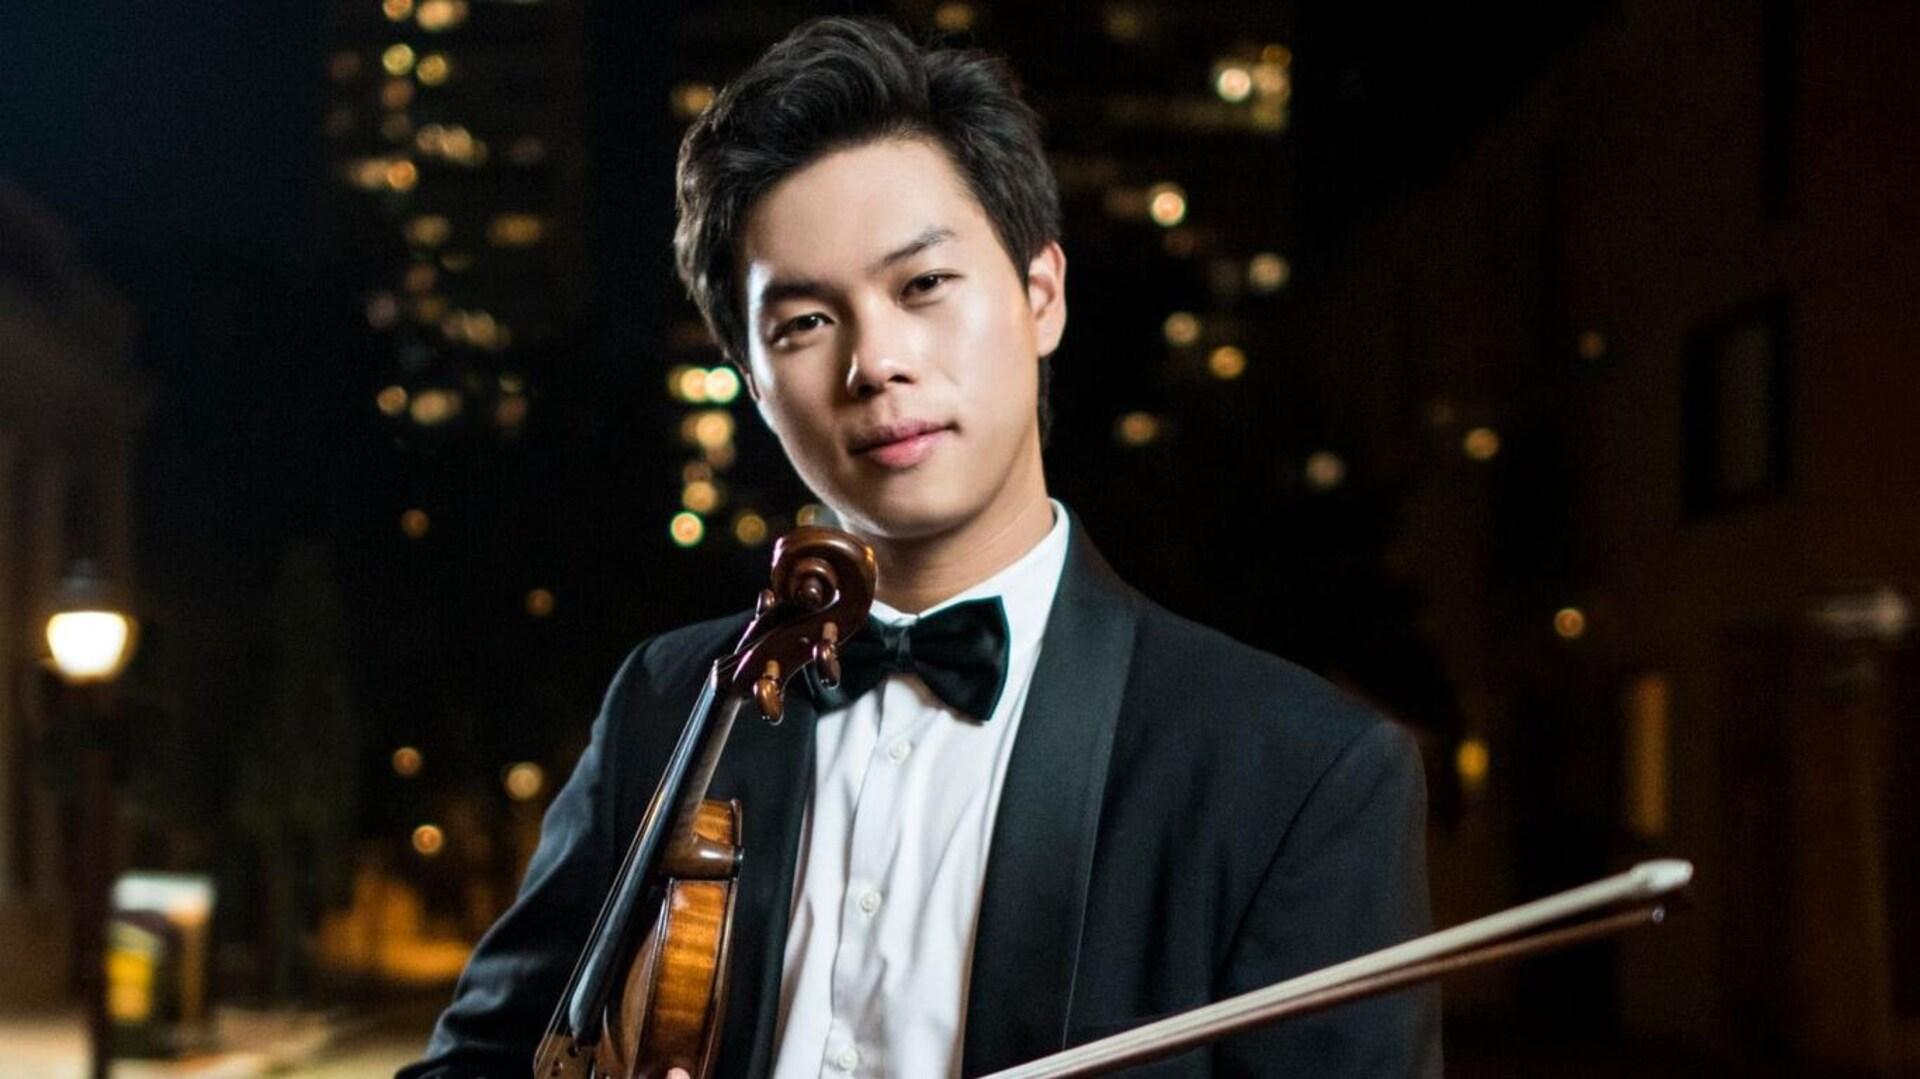 Un jeune garçon en veston avec un noeud papillon avec son violon, le soir, dans la rue.